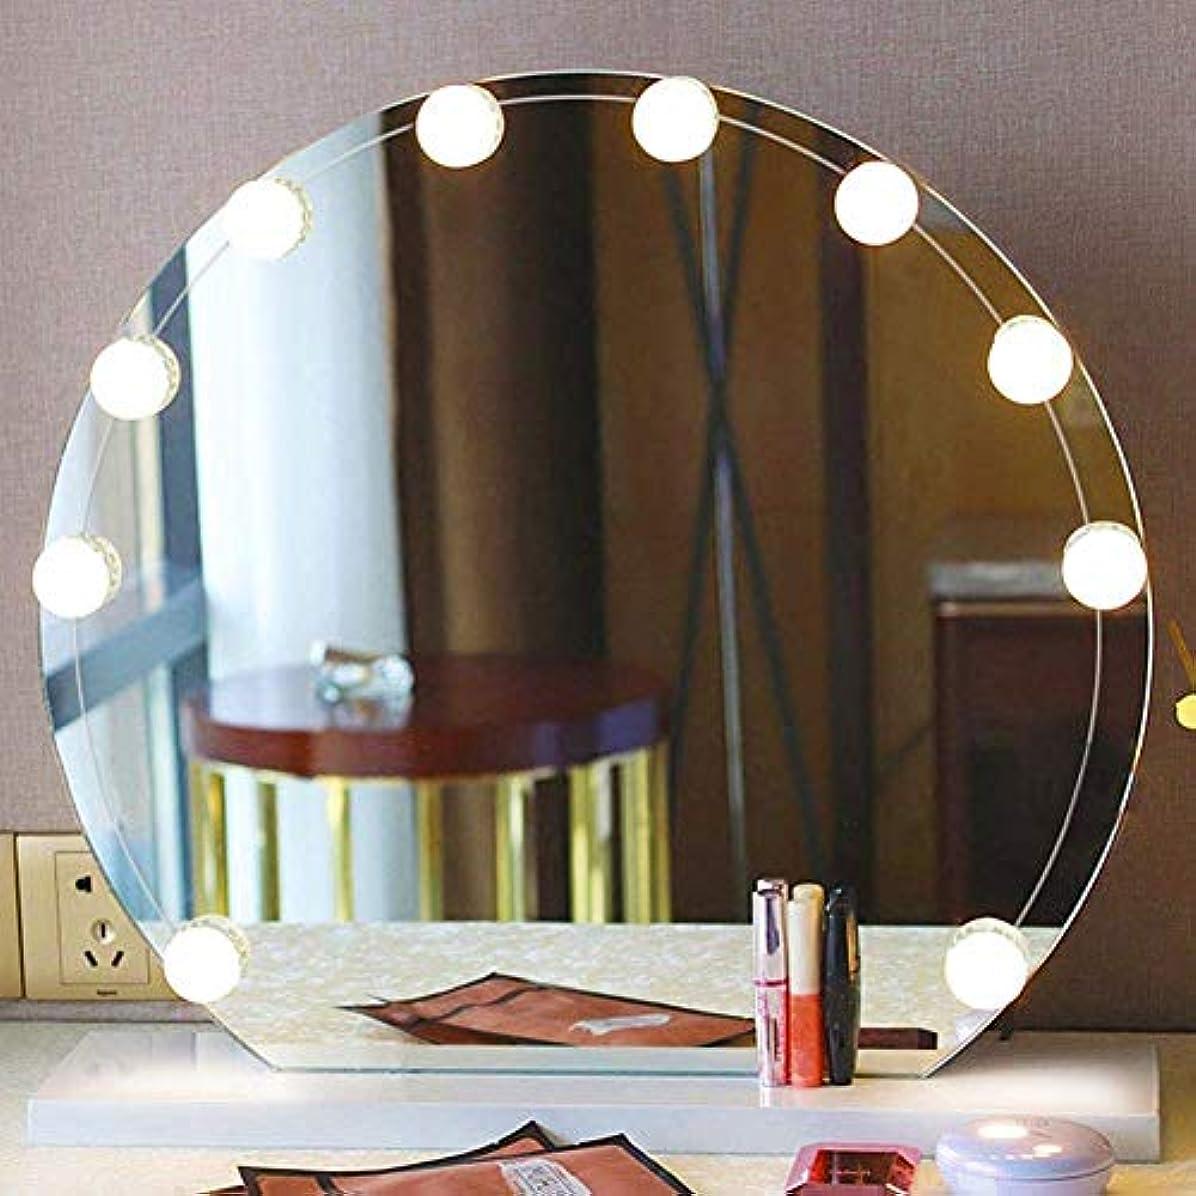 囲む胴体リースtiktok 女優ミラーライト 10個LED電球 USB給電 調光可能 ひもの長さも調整でき 化粧鏡ライト 10W 省エネ 取り付け便利 化粧台 美容室などに適用